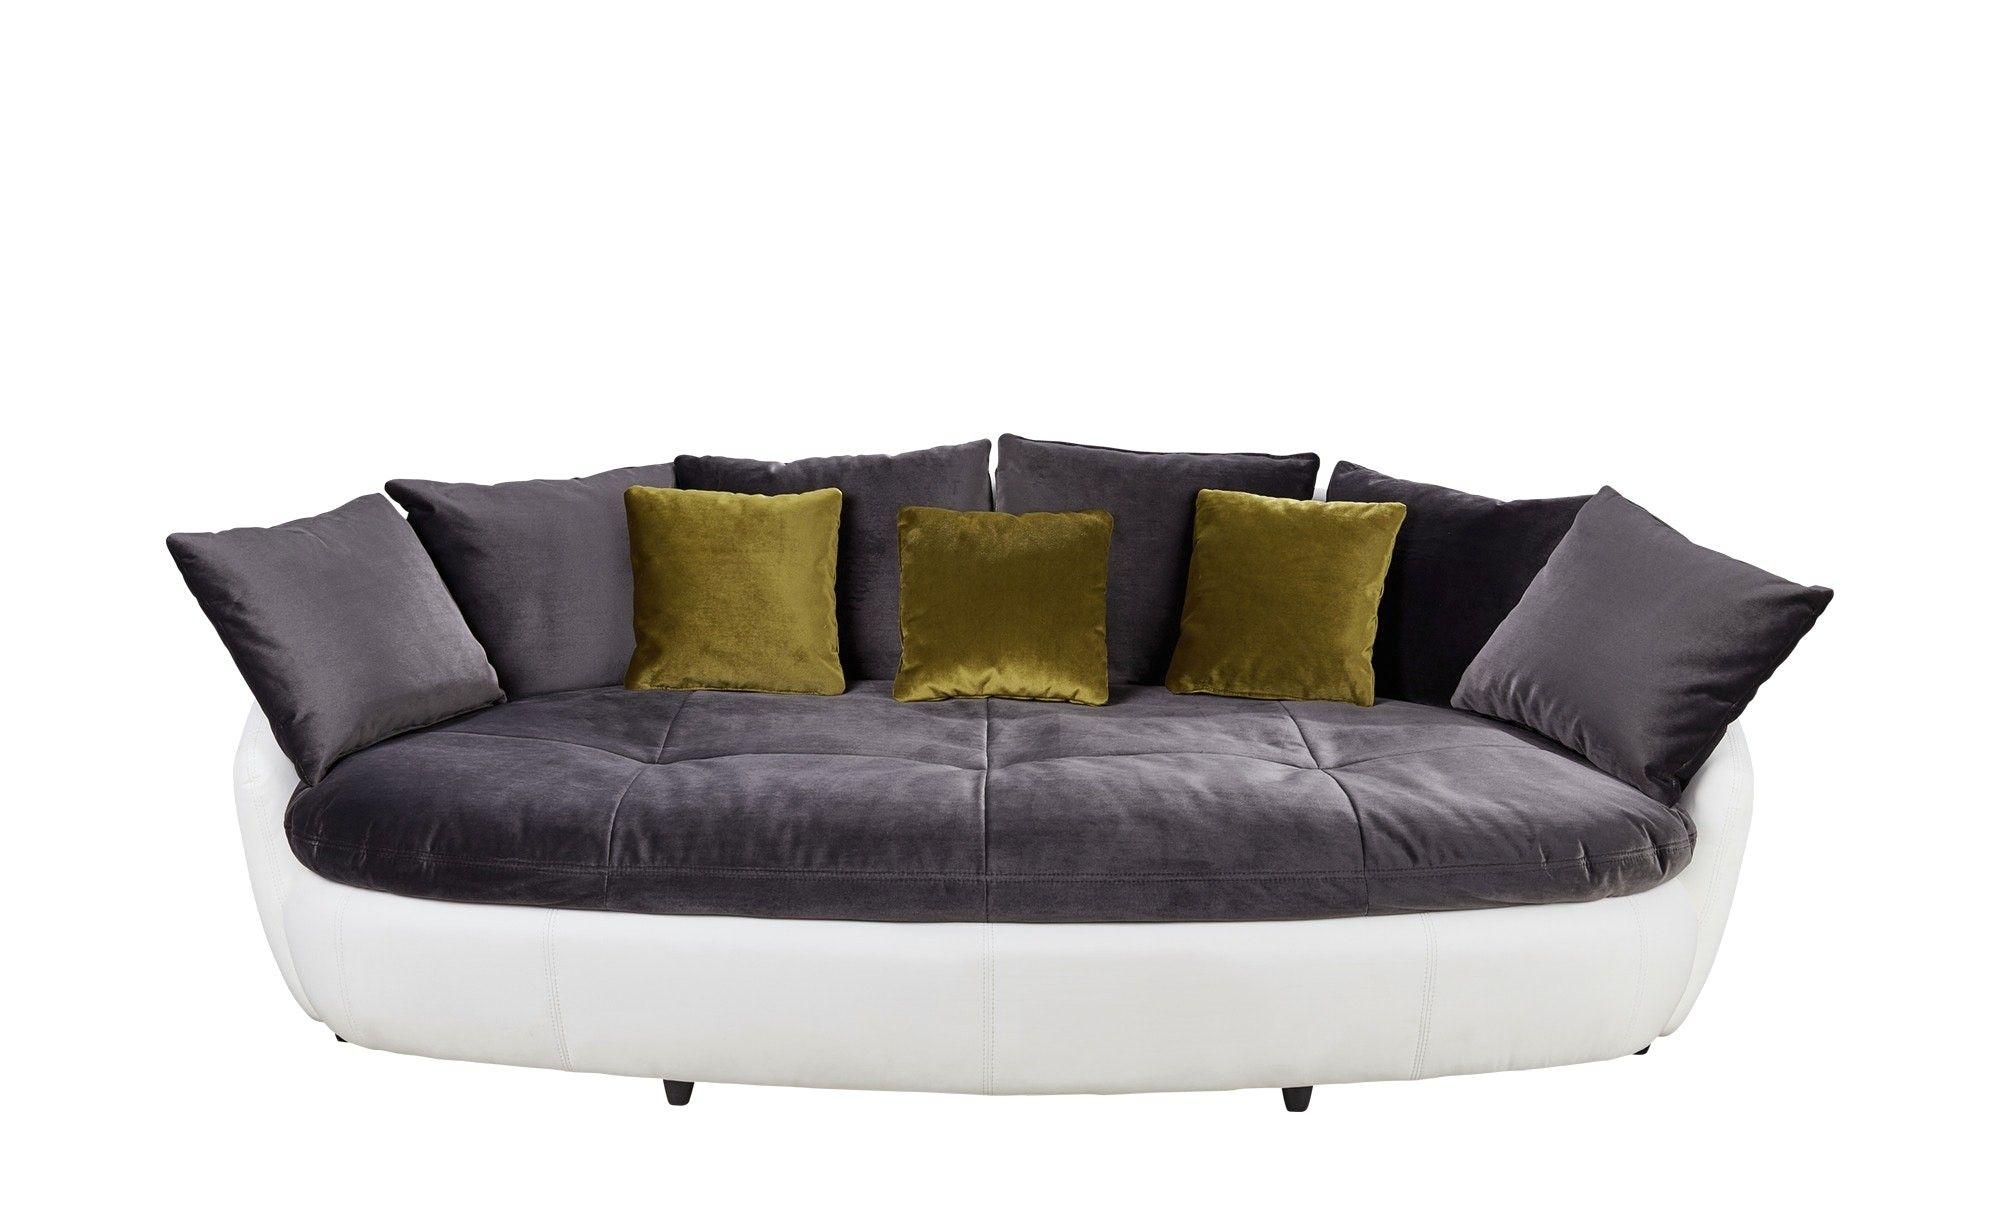 Full Size of Günstig Sofa Kaufen 15 Gnstig Inspirierend Ausziehbar Höffner Big Kolonialstil Dreisitzer Bezug Polsterreiniger Kleines Schlafzimmer Komplett Wohnlandschaft Sofa Günstig Sofa Kaufen